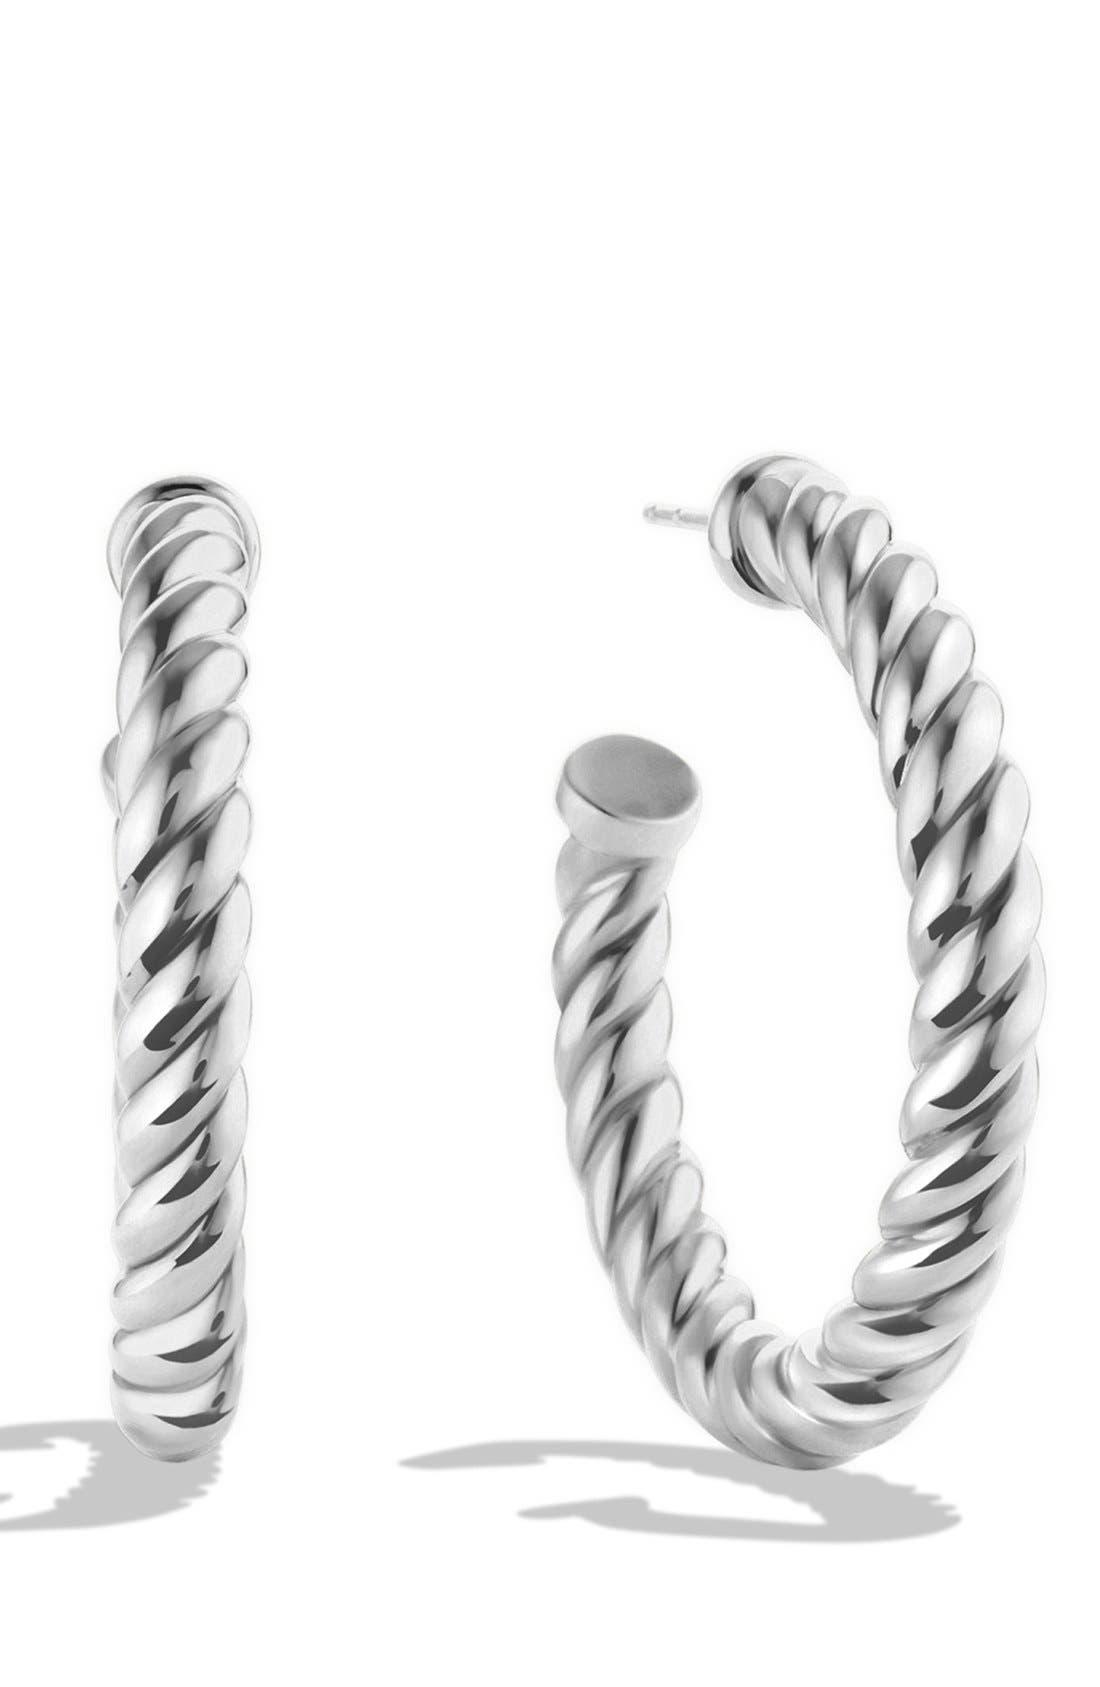 Main Image - David Yurman 'Cable Classics' Hoop Earrings